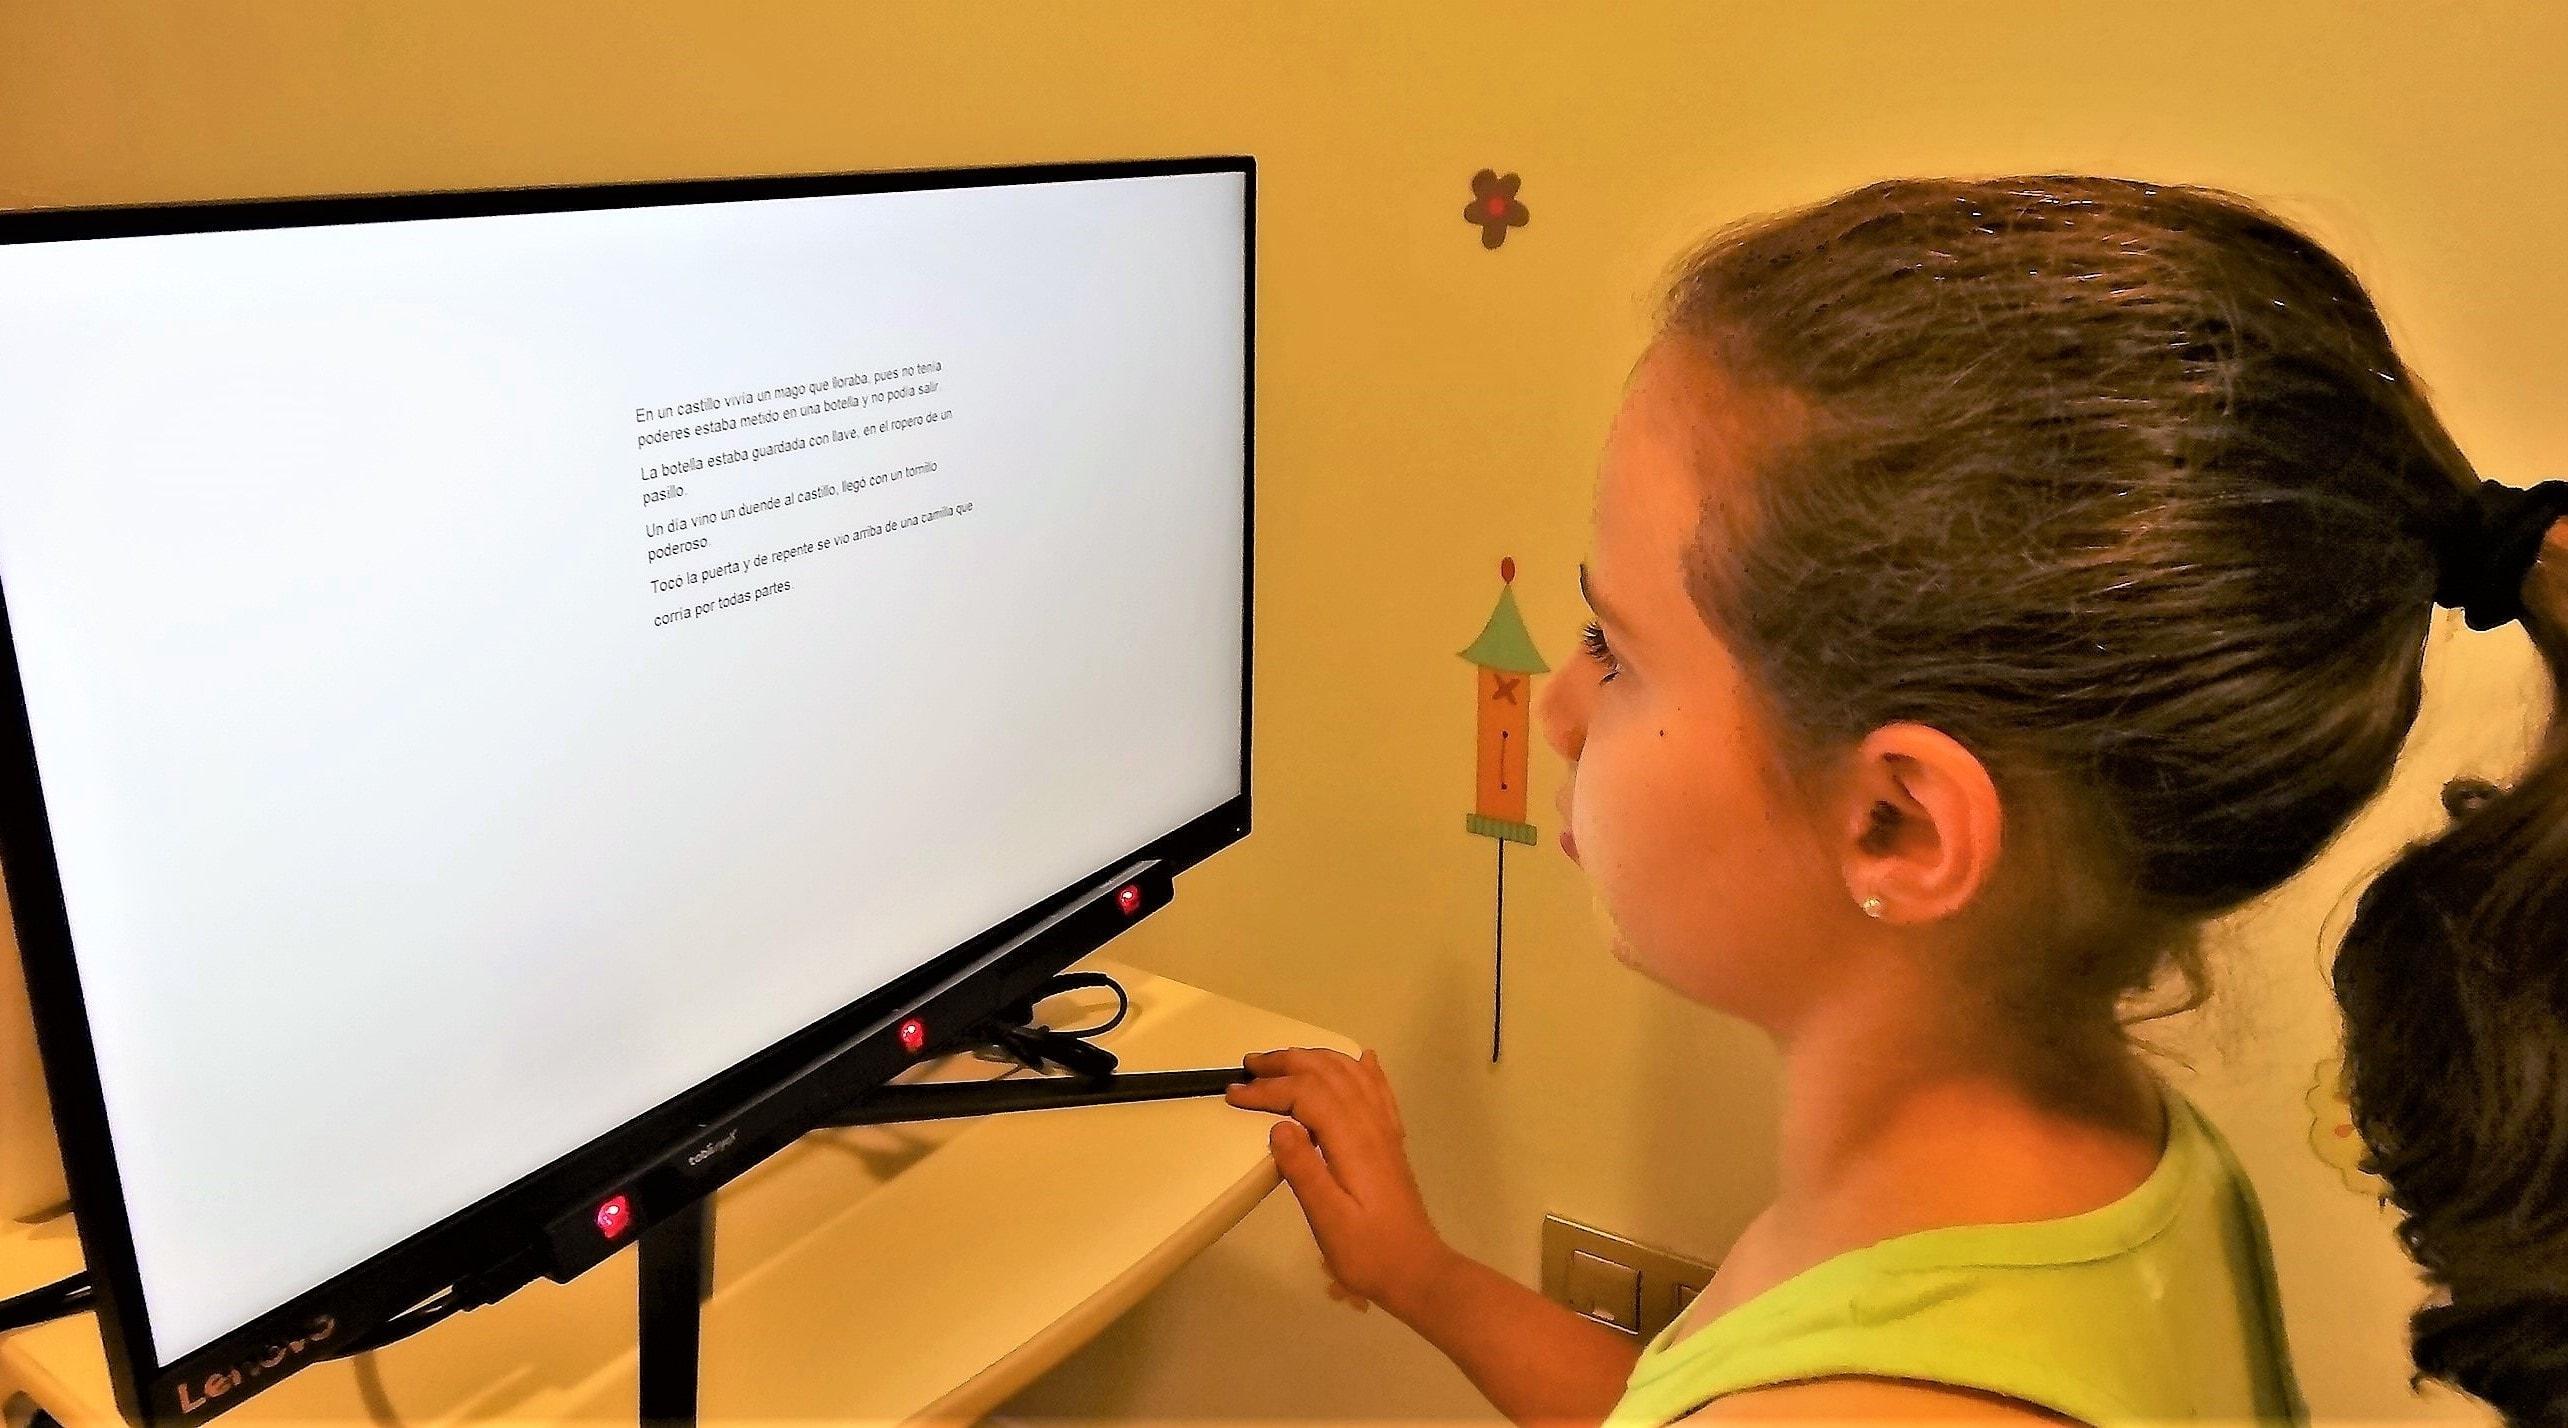 Tecnología eye-tracker, se pierde cuando lee